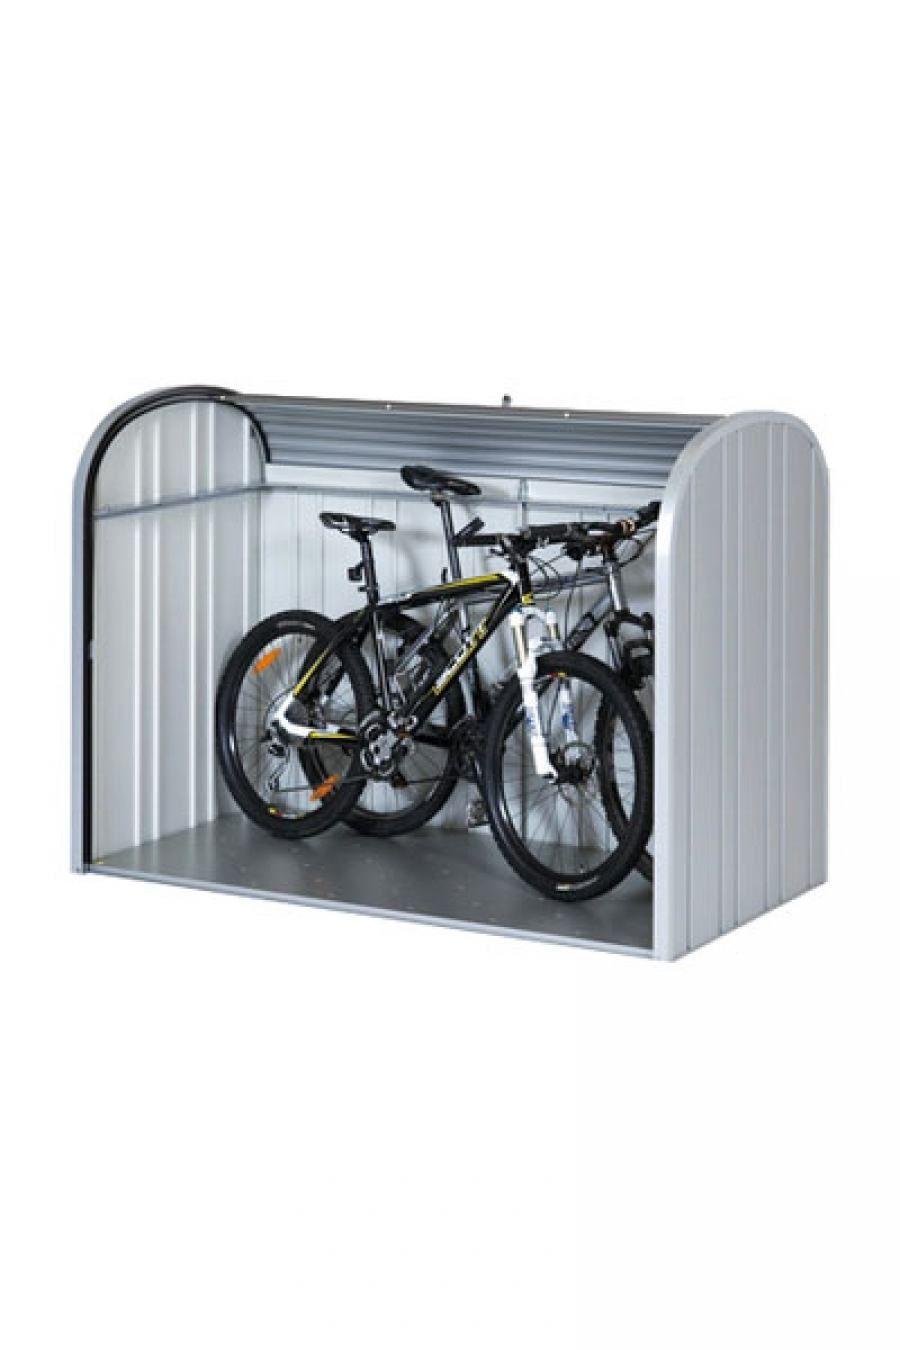 Armarios para guardar bicicletas hogar pinterest for Casetas para guardar bicicletas